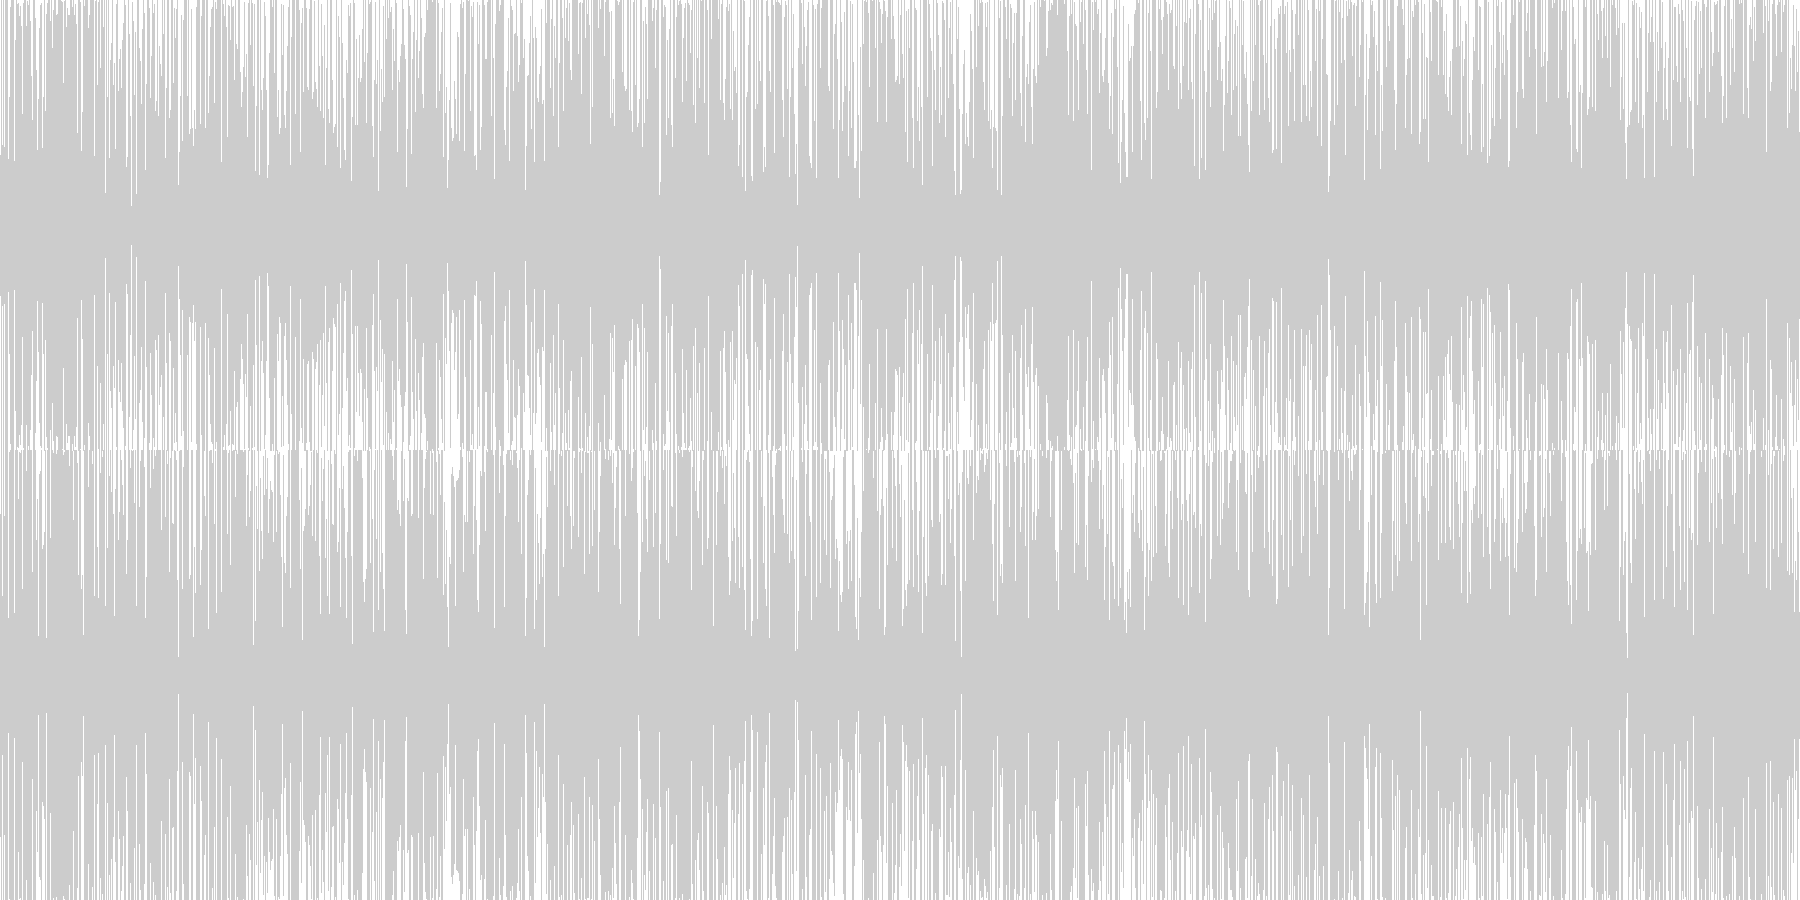 ザー。雨の音(短め)の未再生の波形